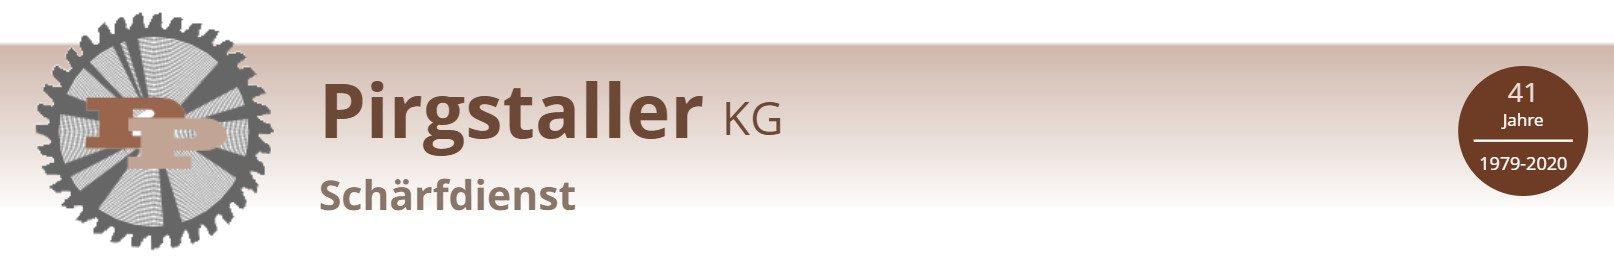 Pirgstaller KG